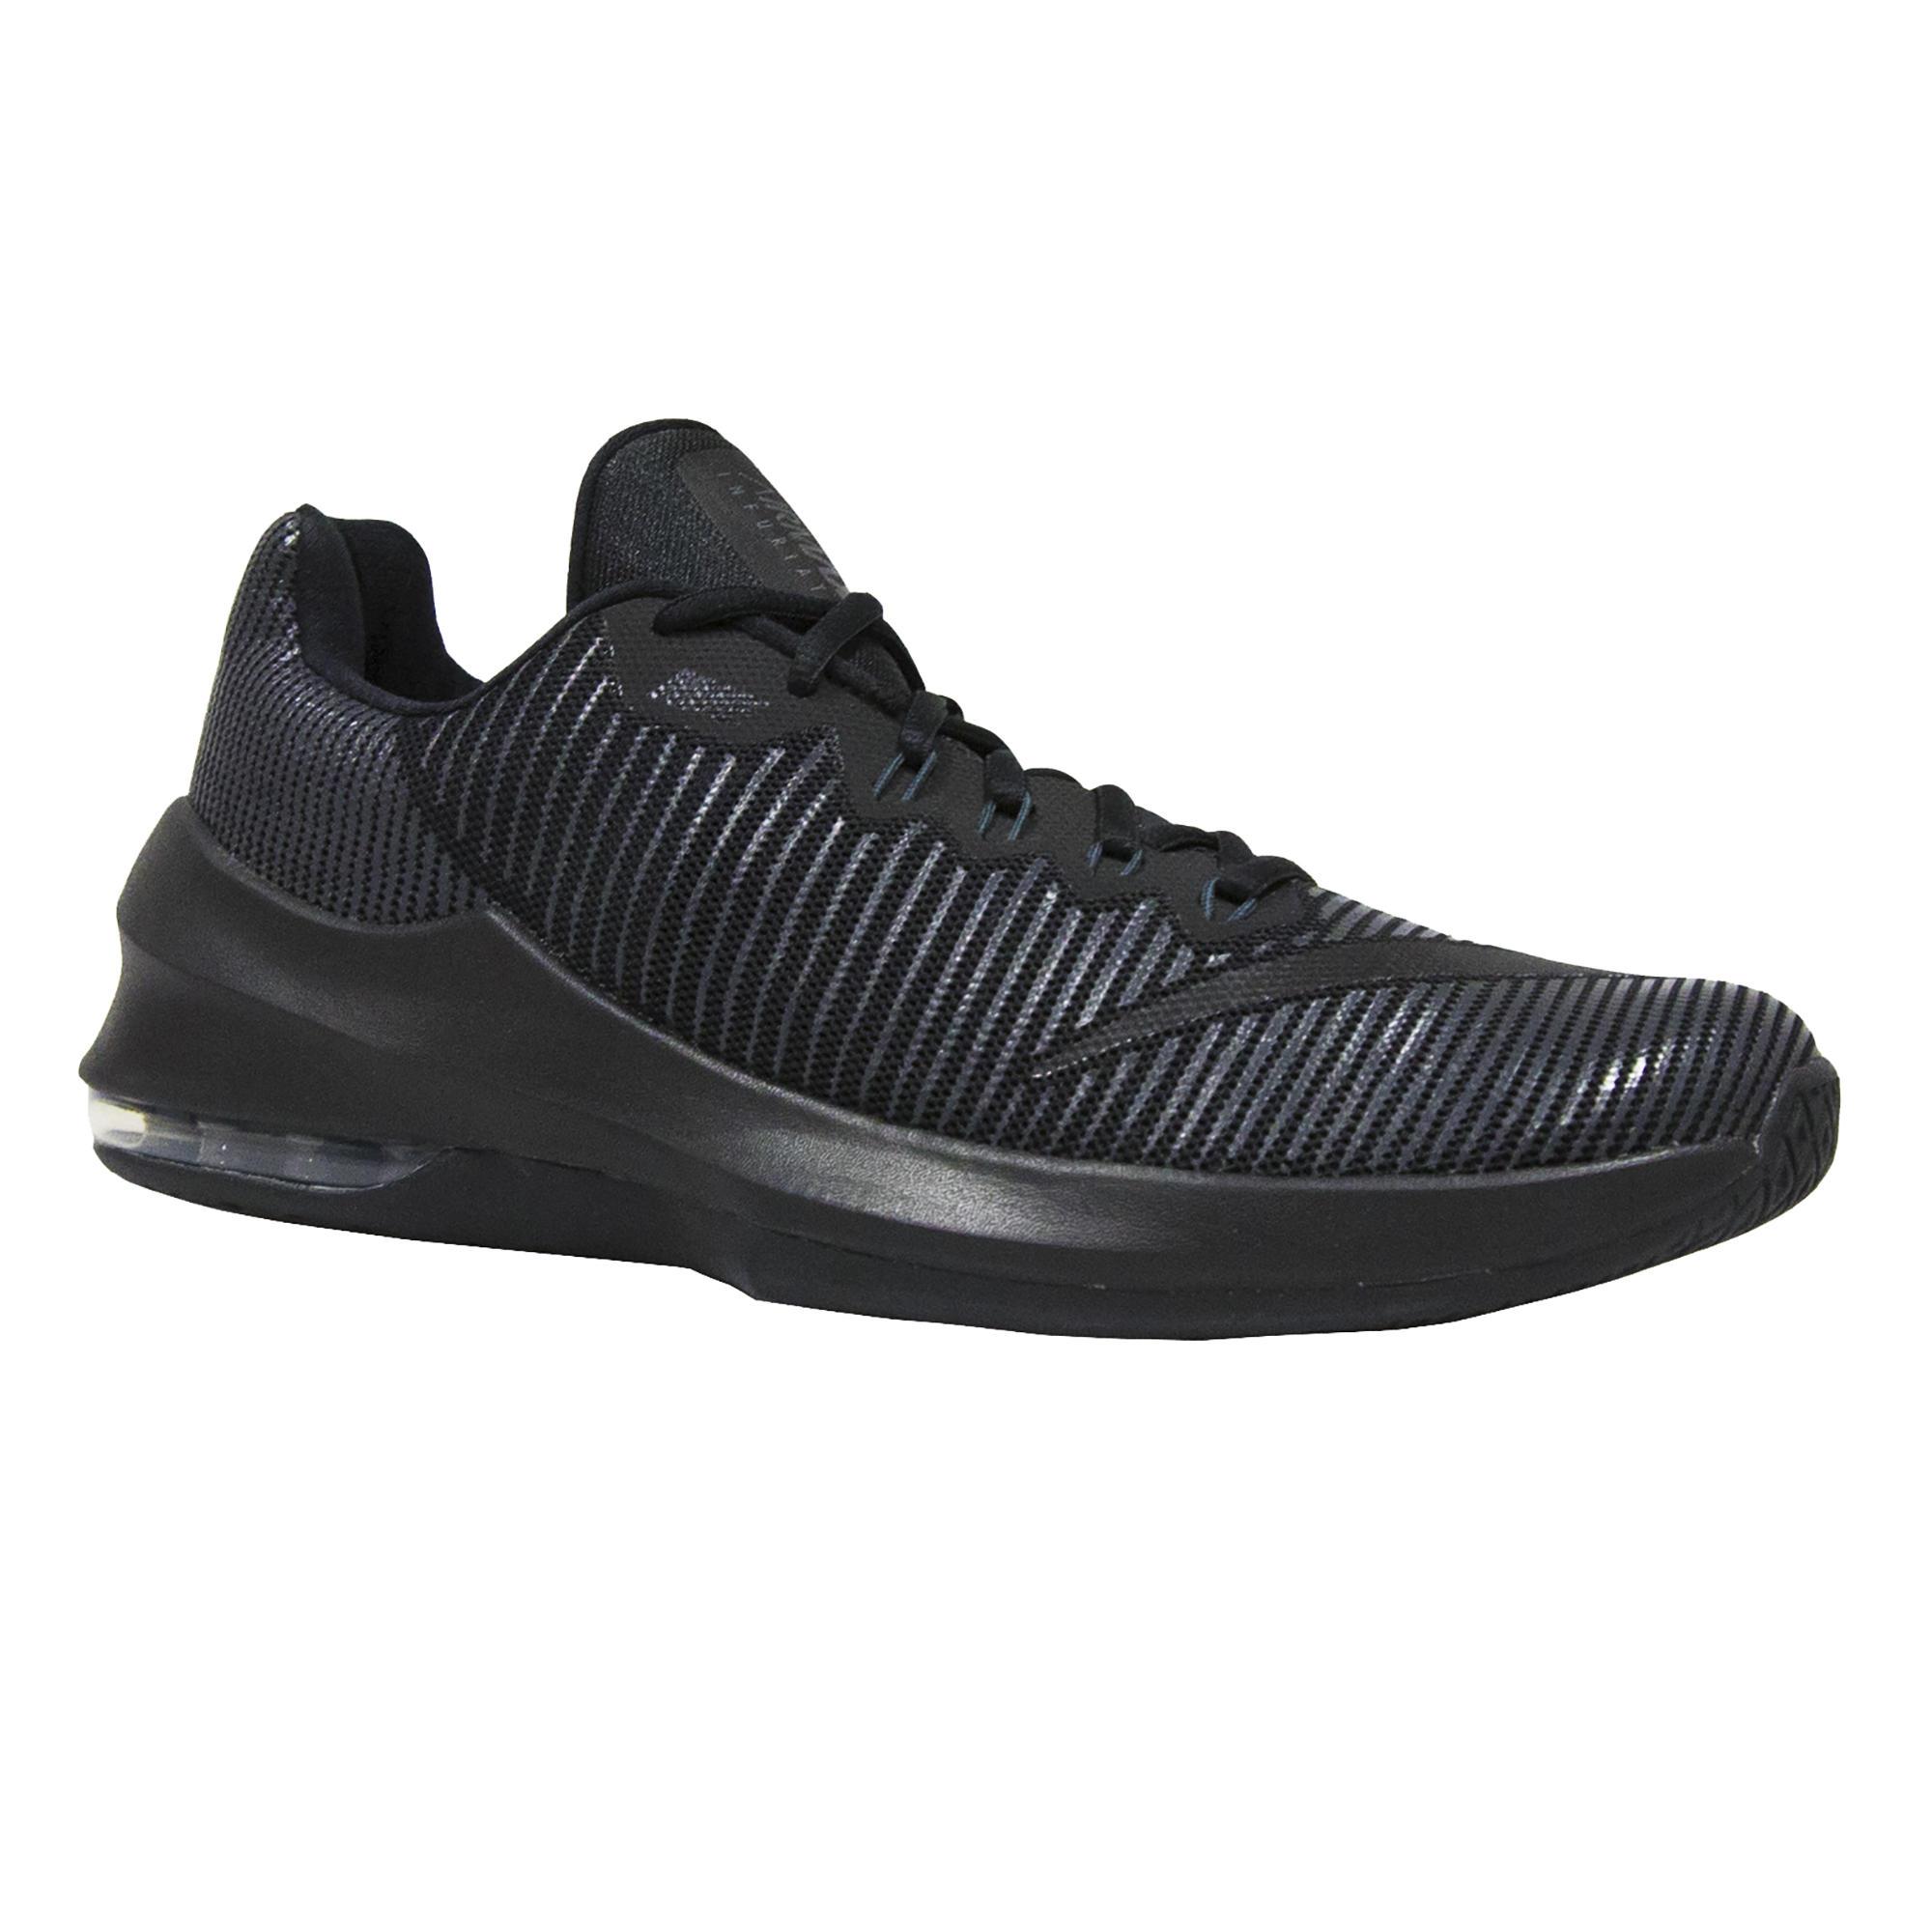 2408871 Nike Basketbalschoenen Nike Air Max Infuriate Mid